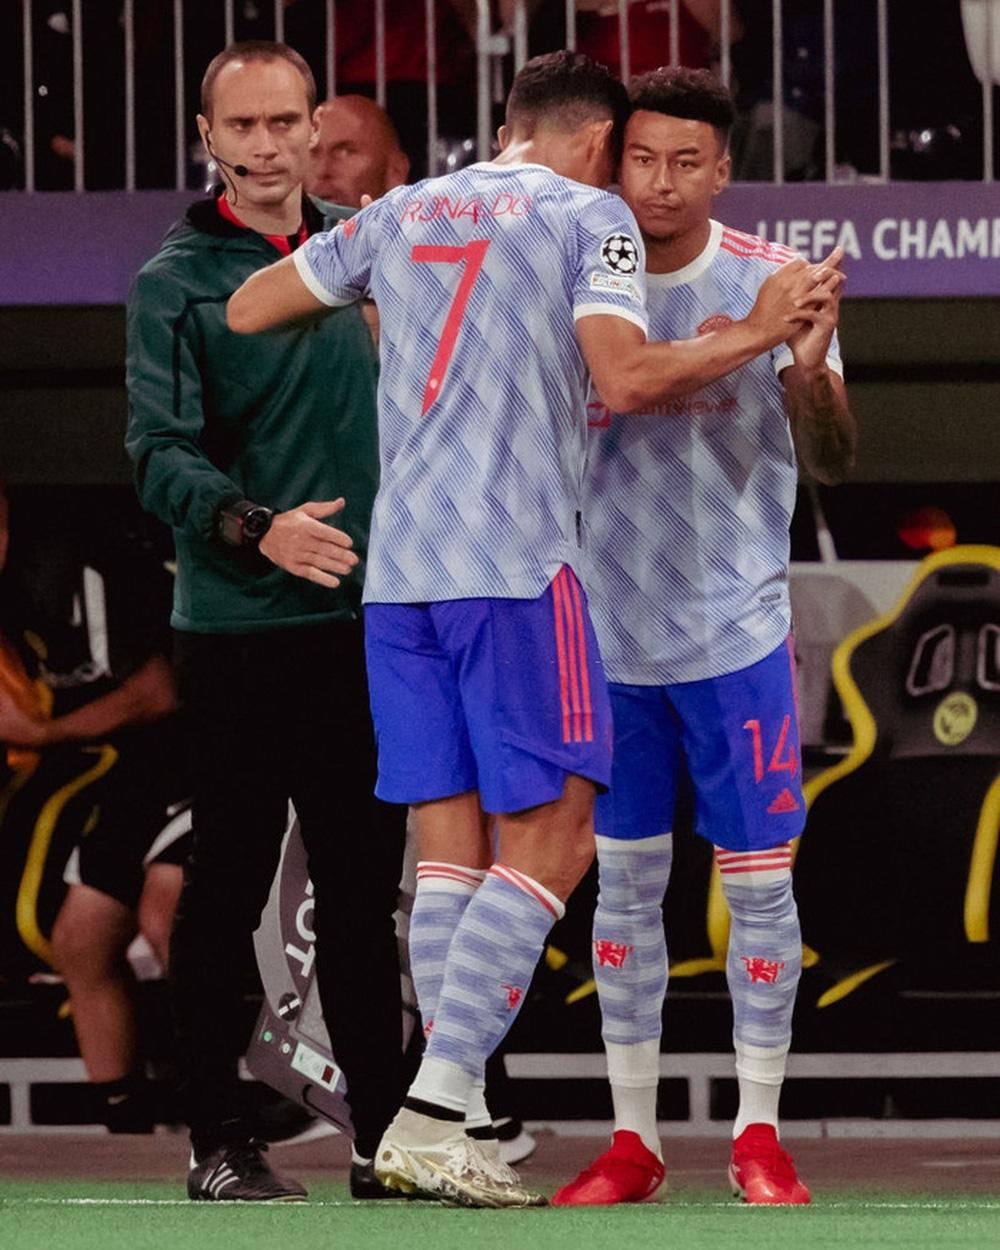 HLV Ole Solskjaer lên tiếng giải thích lý do thay Ronaldo - ảnh 2